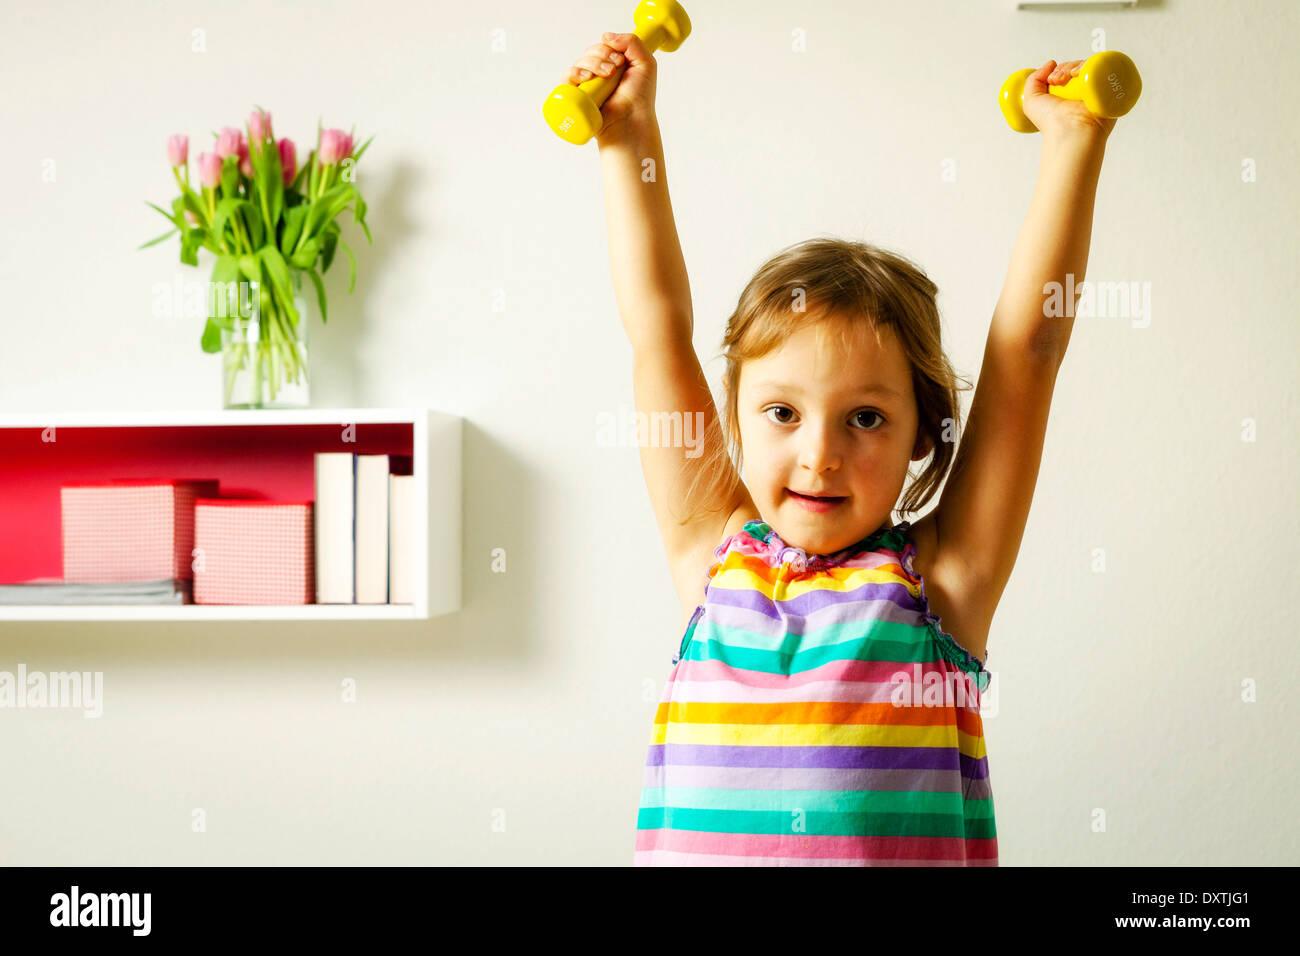 Girl exercising with dumbbells, Munich, Bavaria, Germany - Stock Image